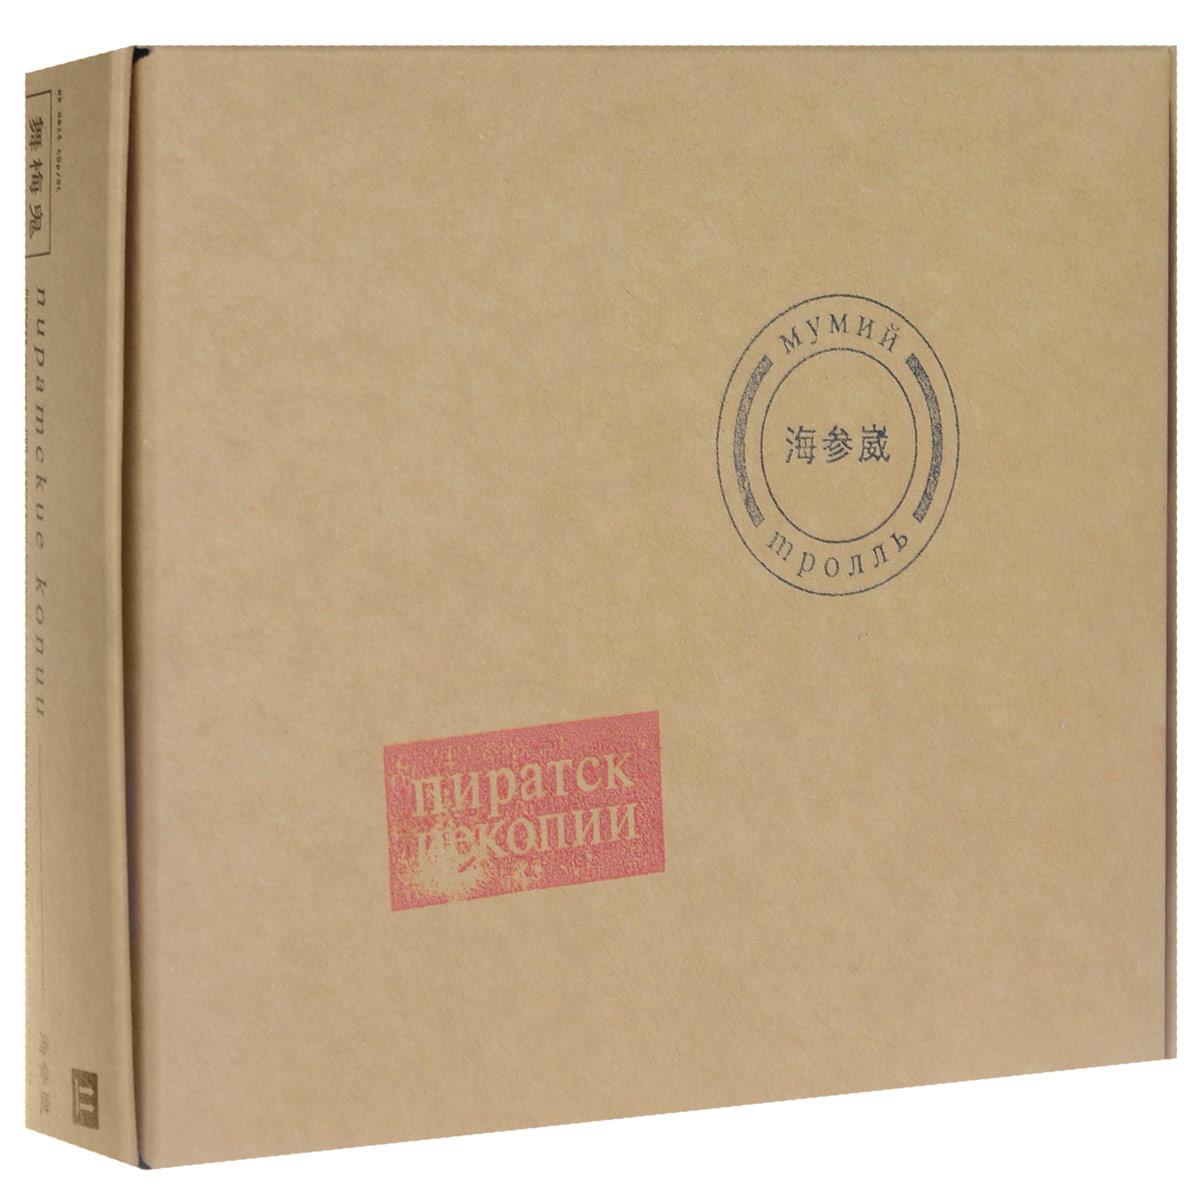 Издание содержит раскладку с фотографиями и дополнительной информацией на русском языке. Издание содержит Audio CD с аналогичным списком треков.